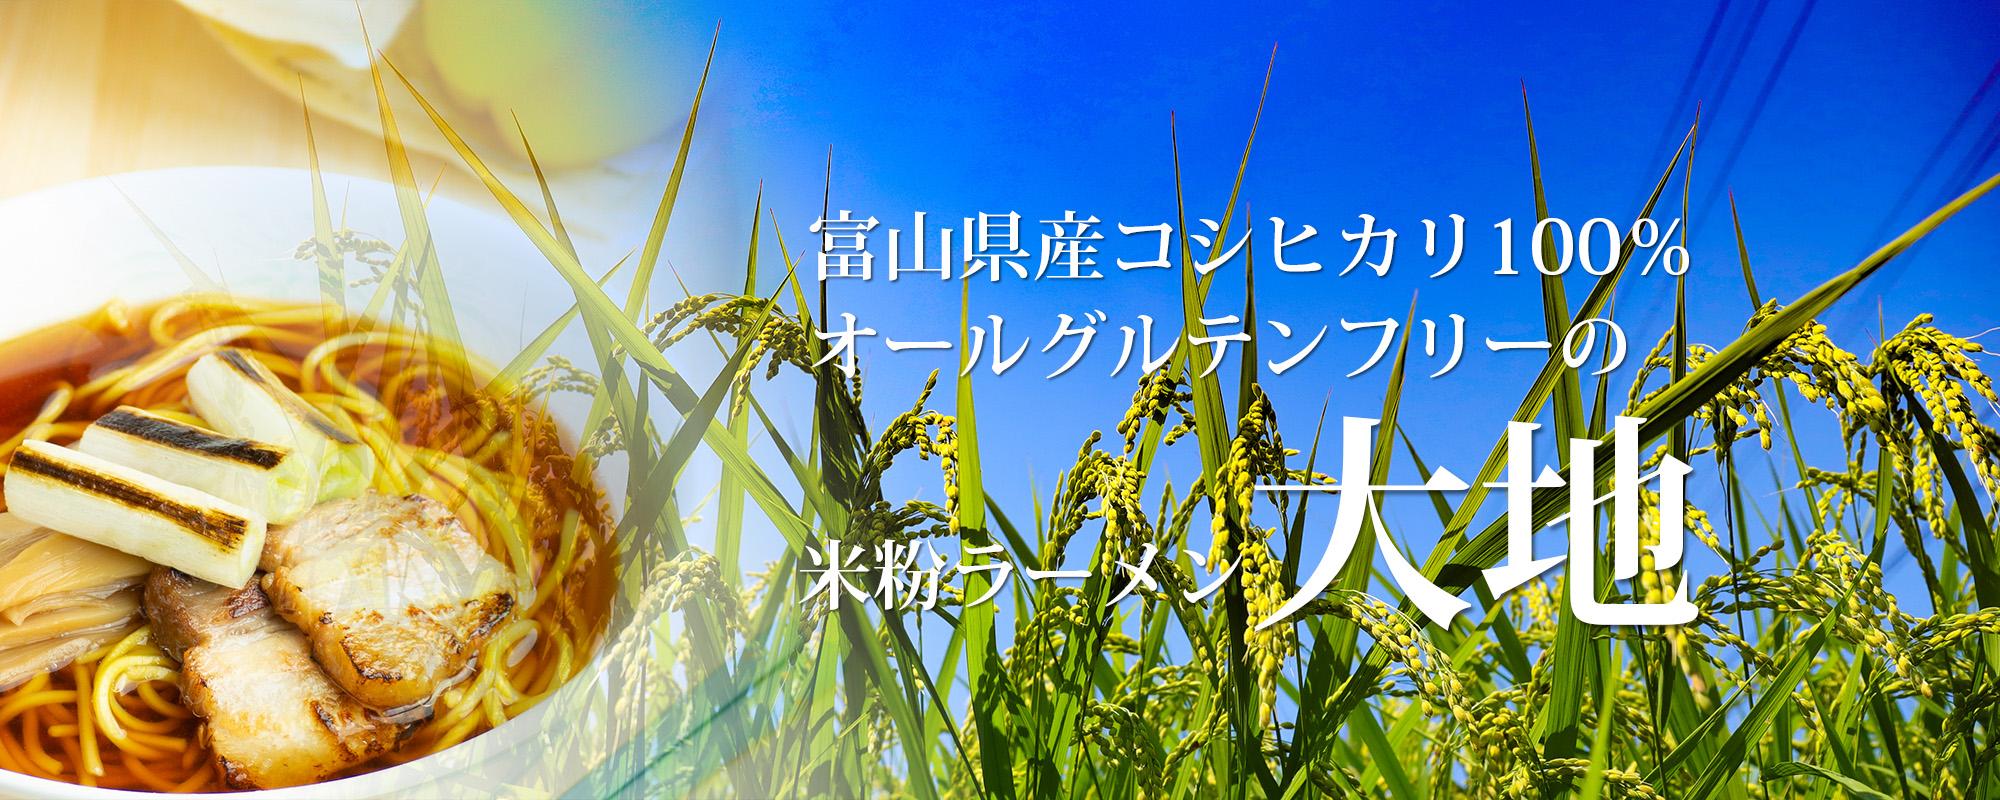 富山県産コシヒカリ100% オールグルテンフリーの米粉ラーメン大地